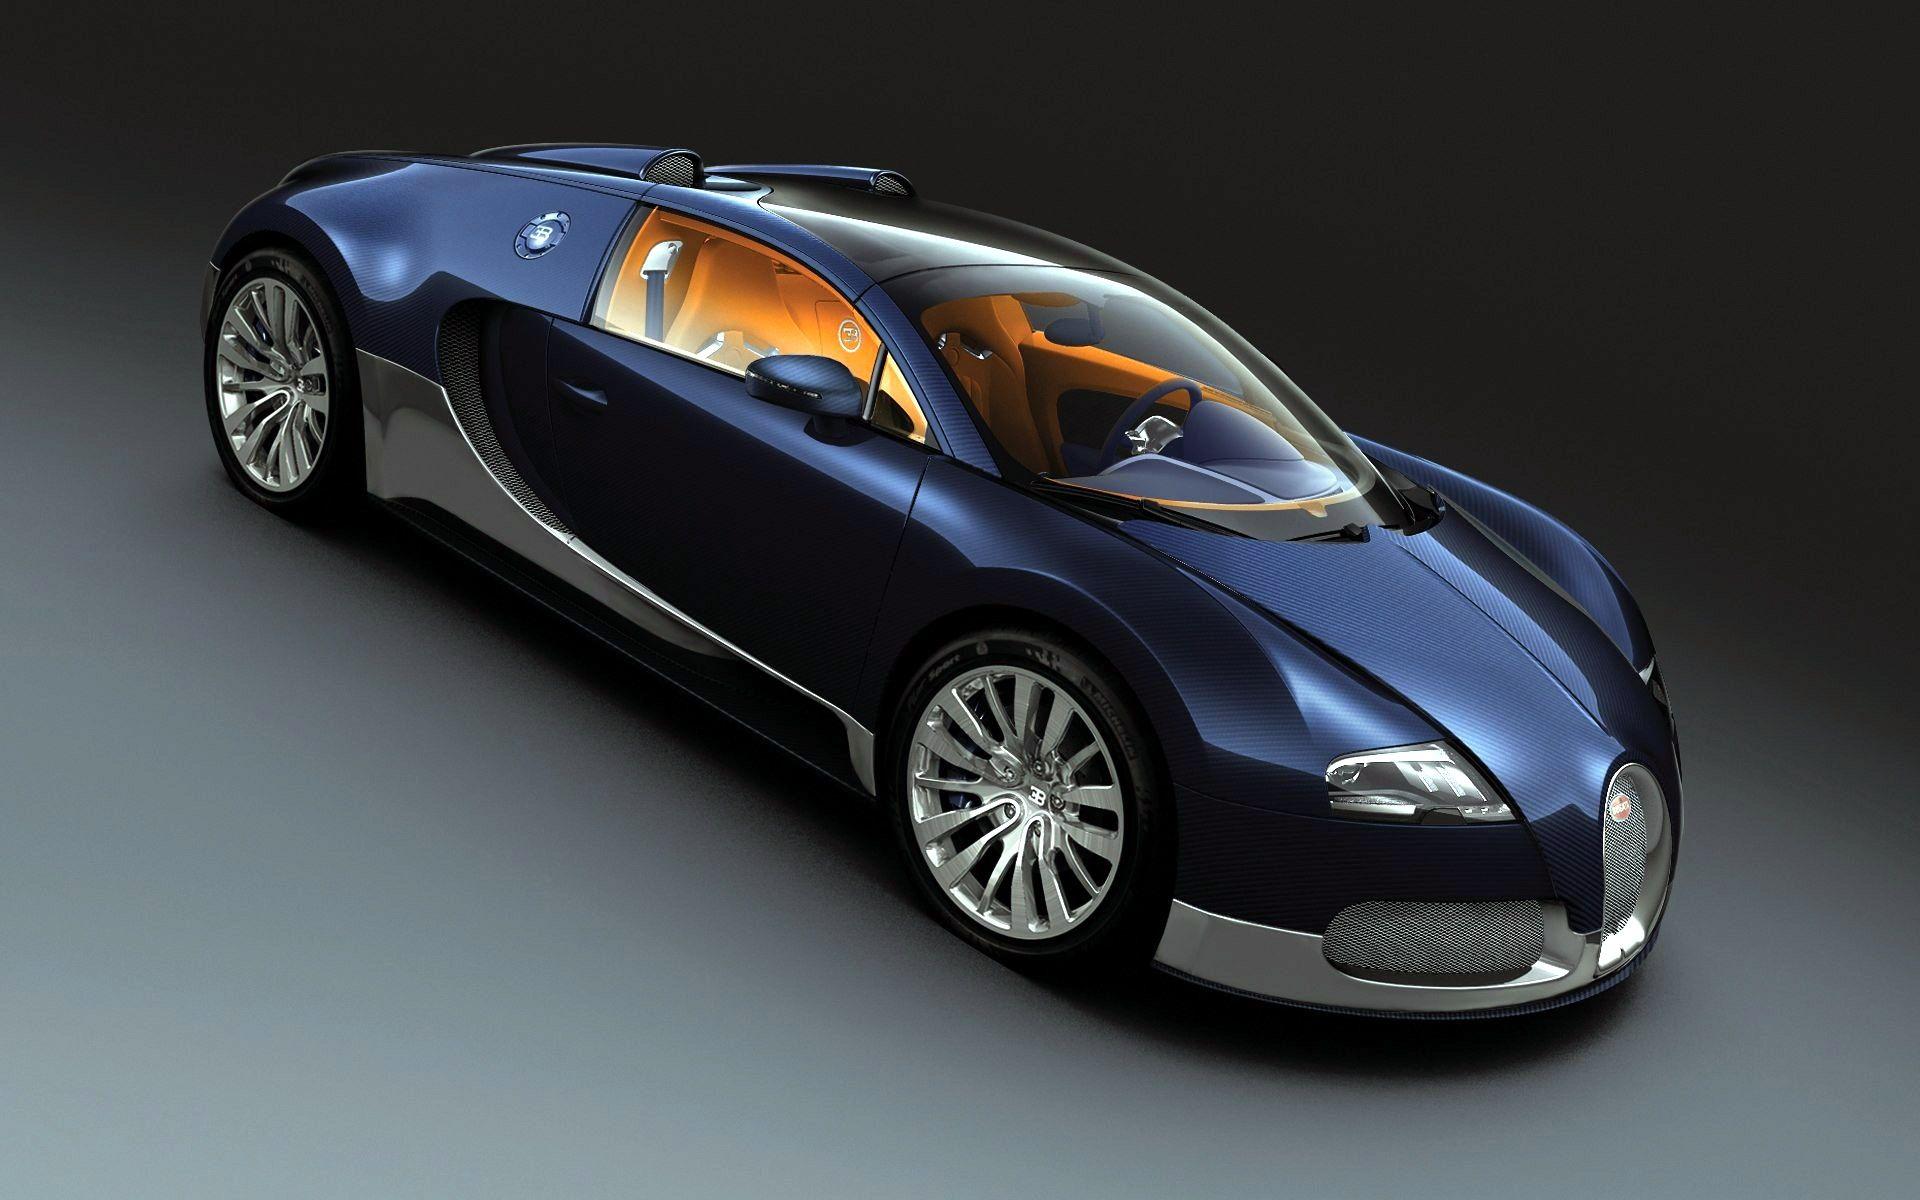 Veyron Grand Sport Bugatti Veyron 16 Bugatti Veyron Cars Bugatti Veyron